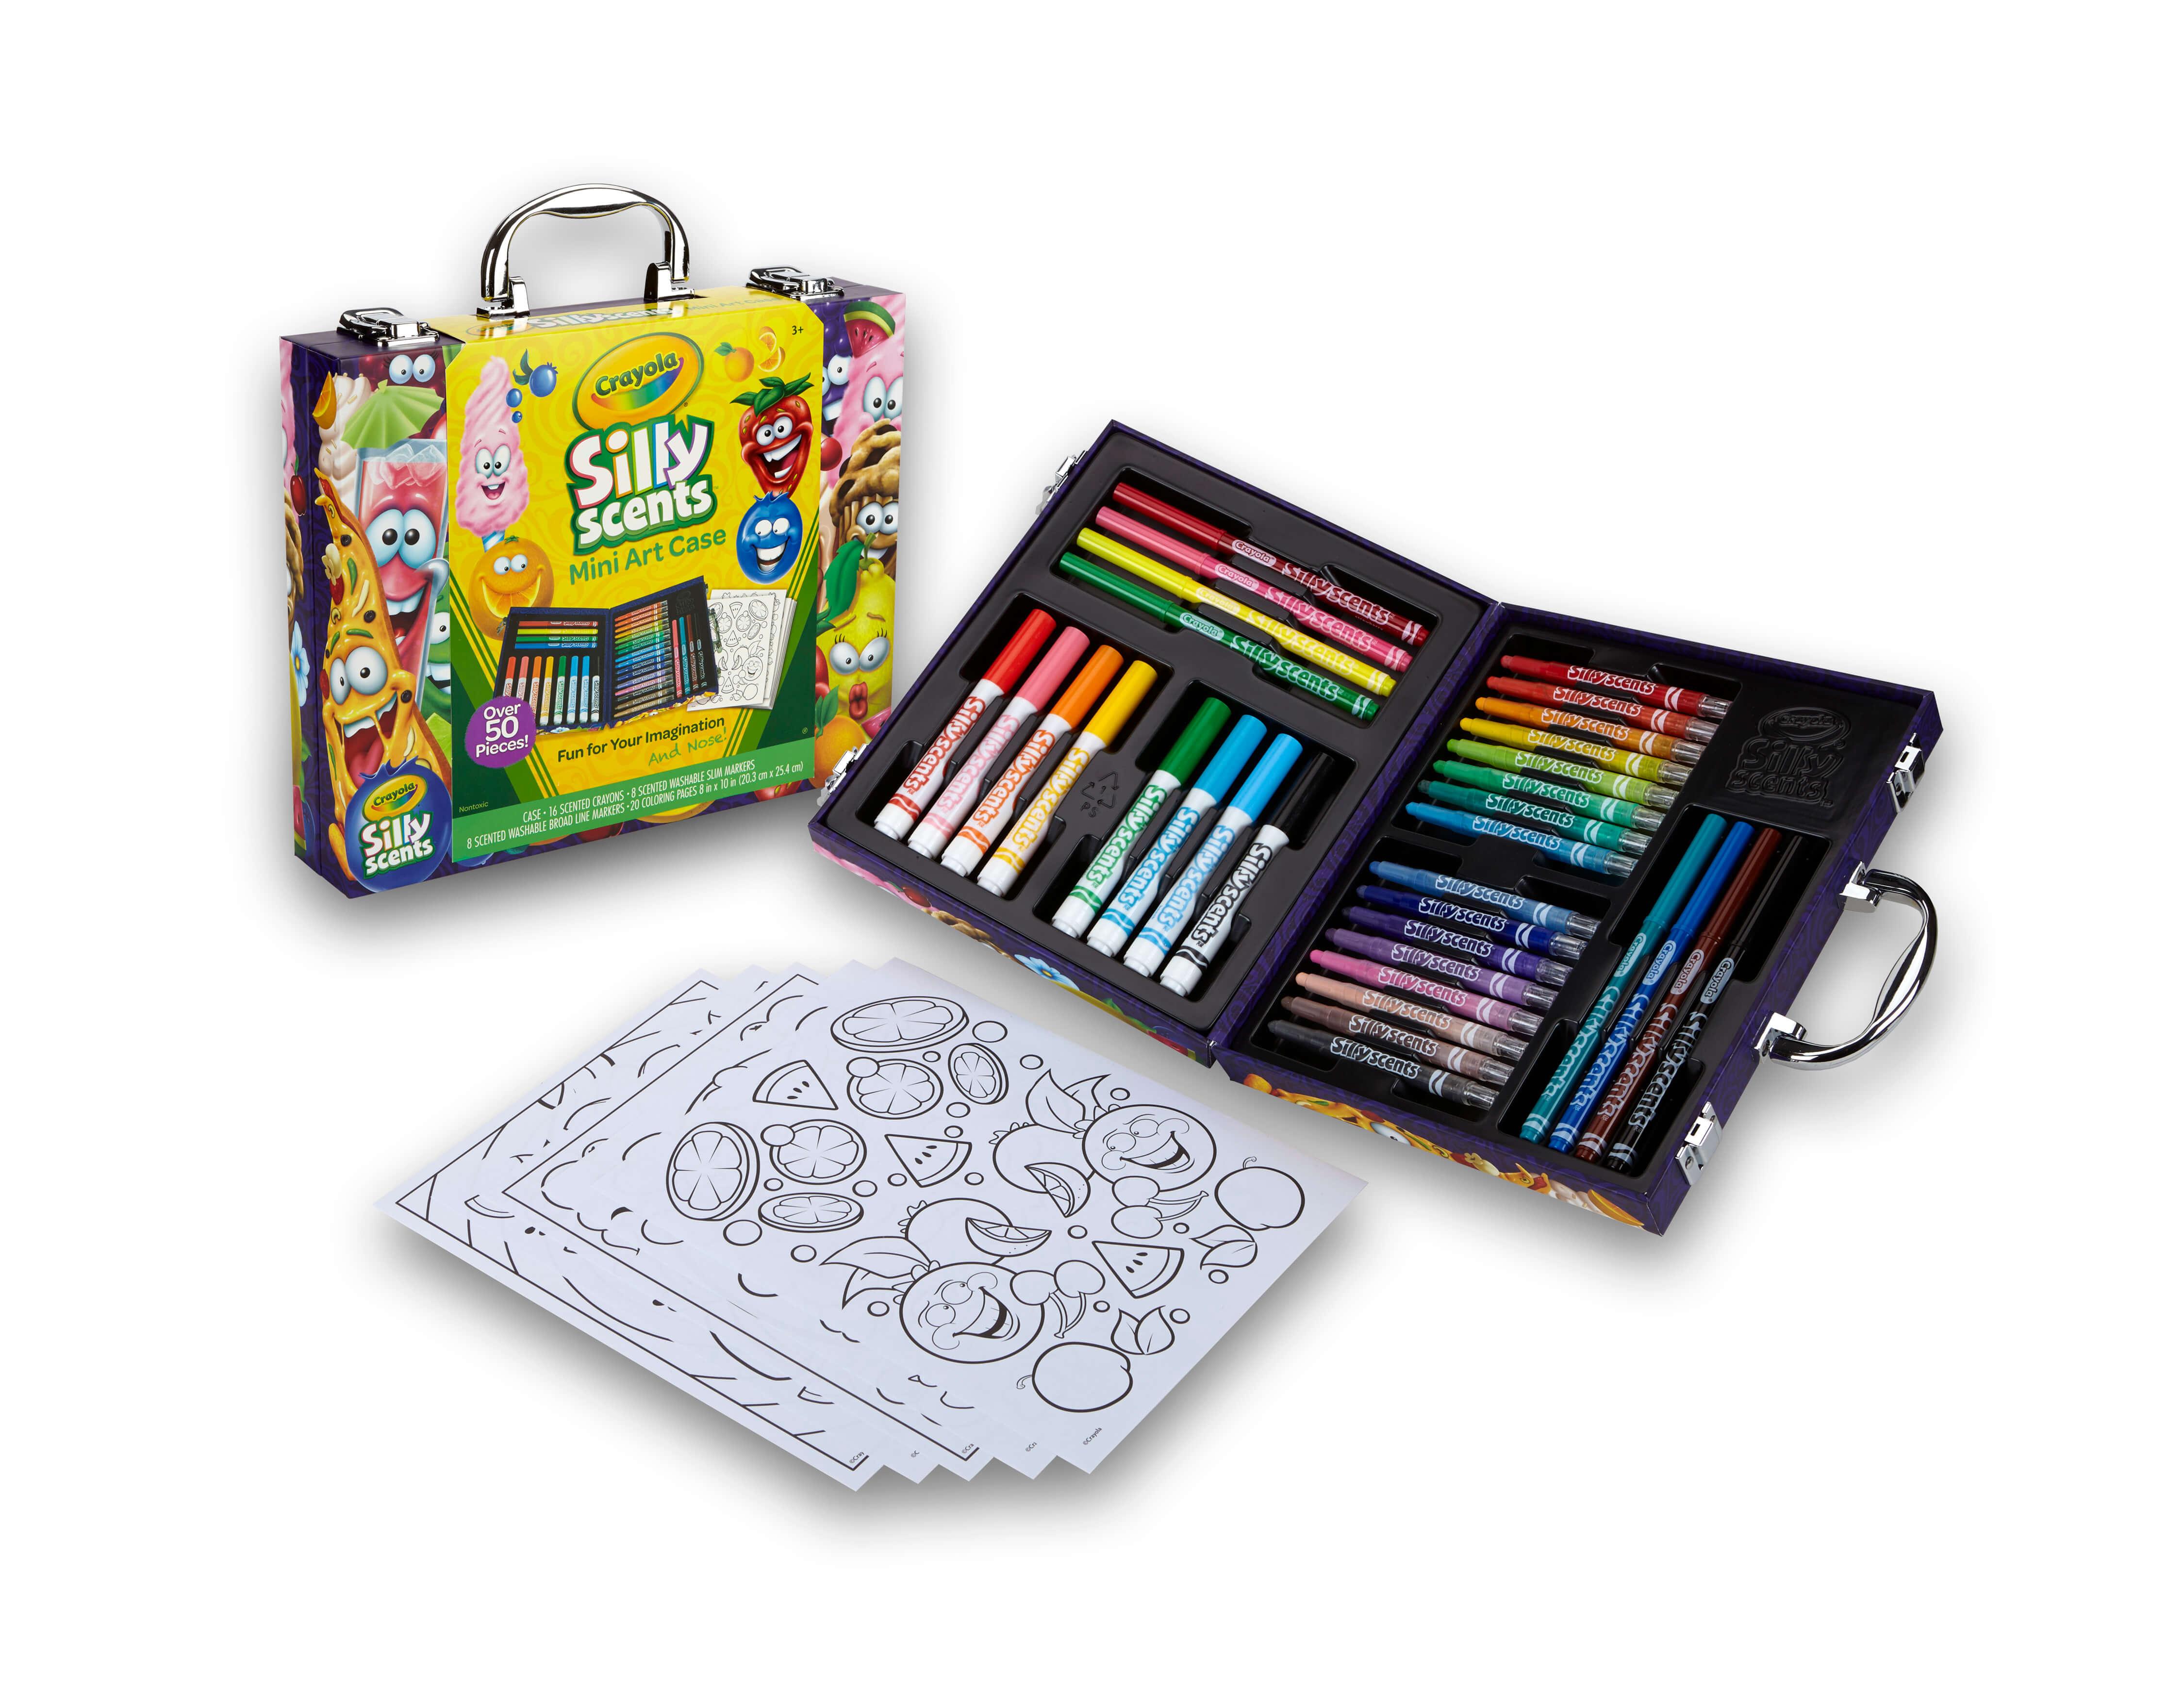 50種類以上のおえかきツールで子どもの想像力を刺激!「シリーセンツ インスピレーションアートケース ミニ」のモニター募集!